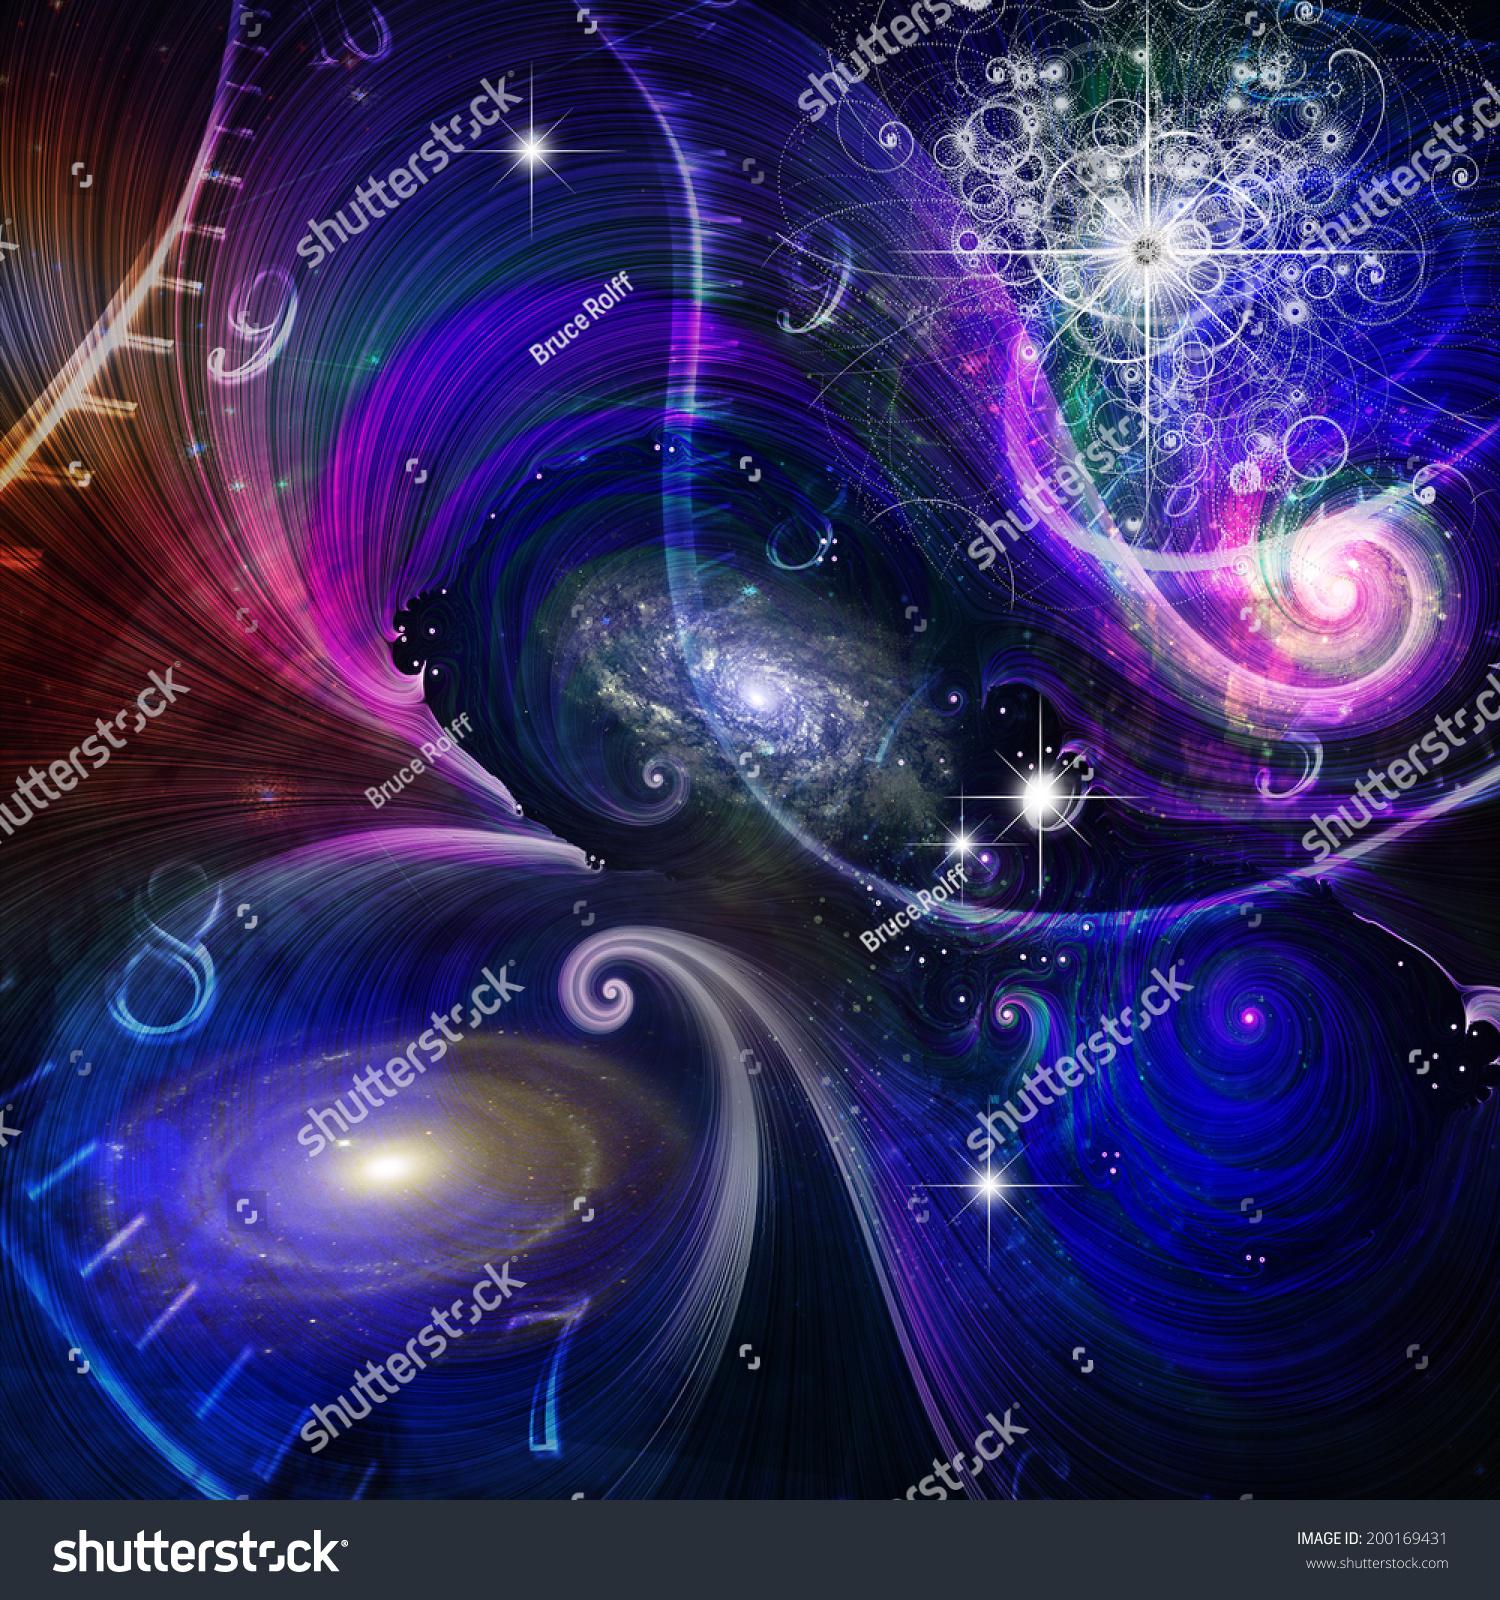 quantum physics pictures - photo #32